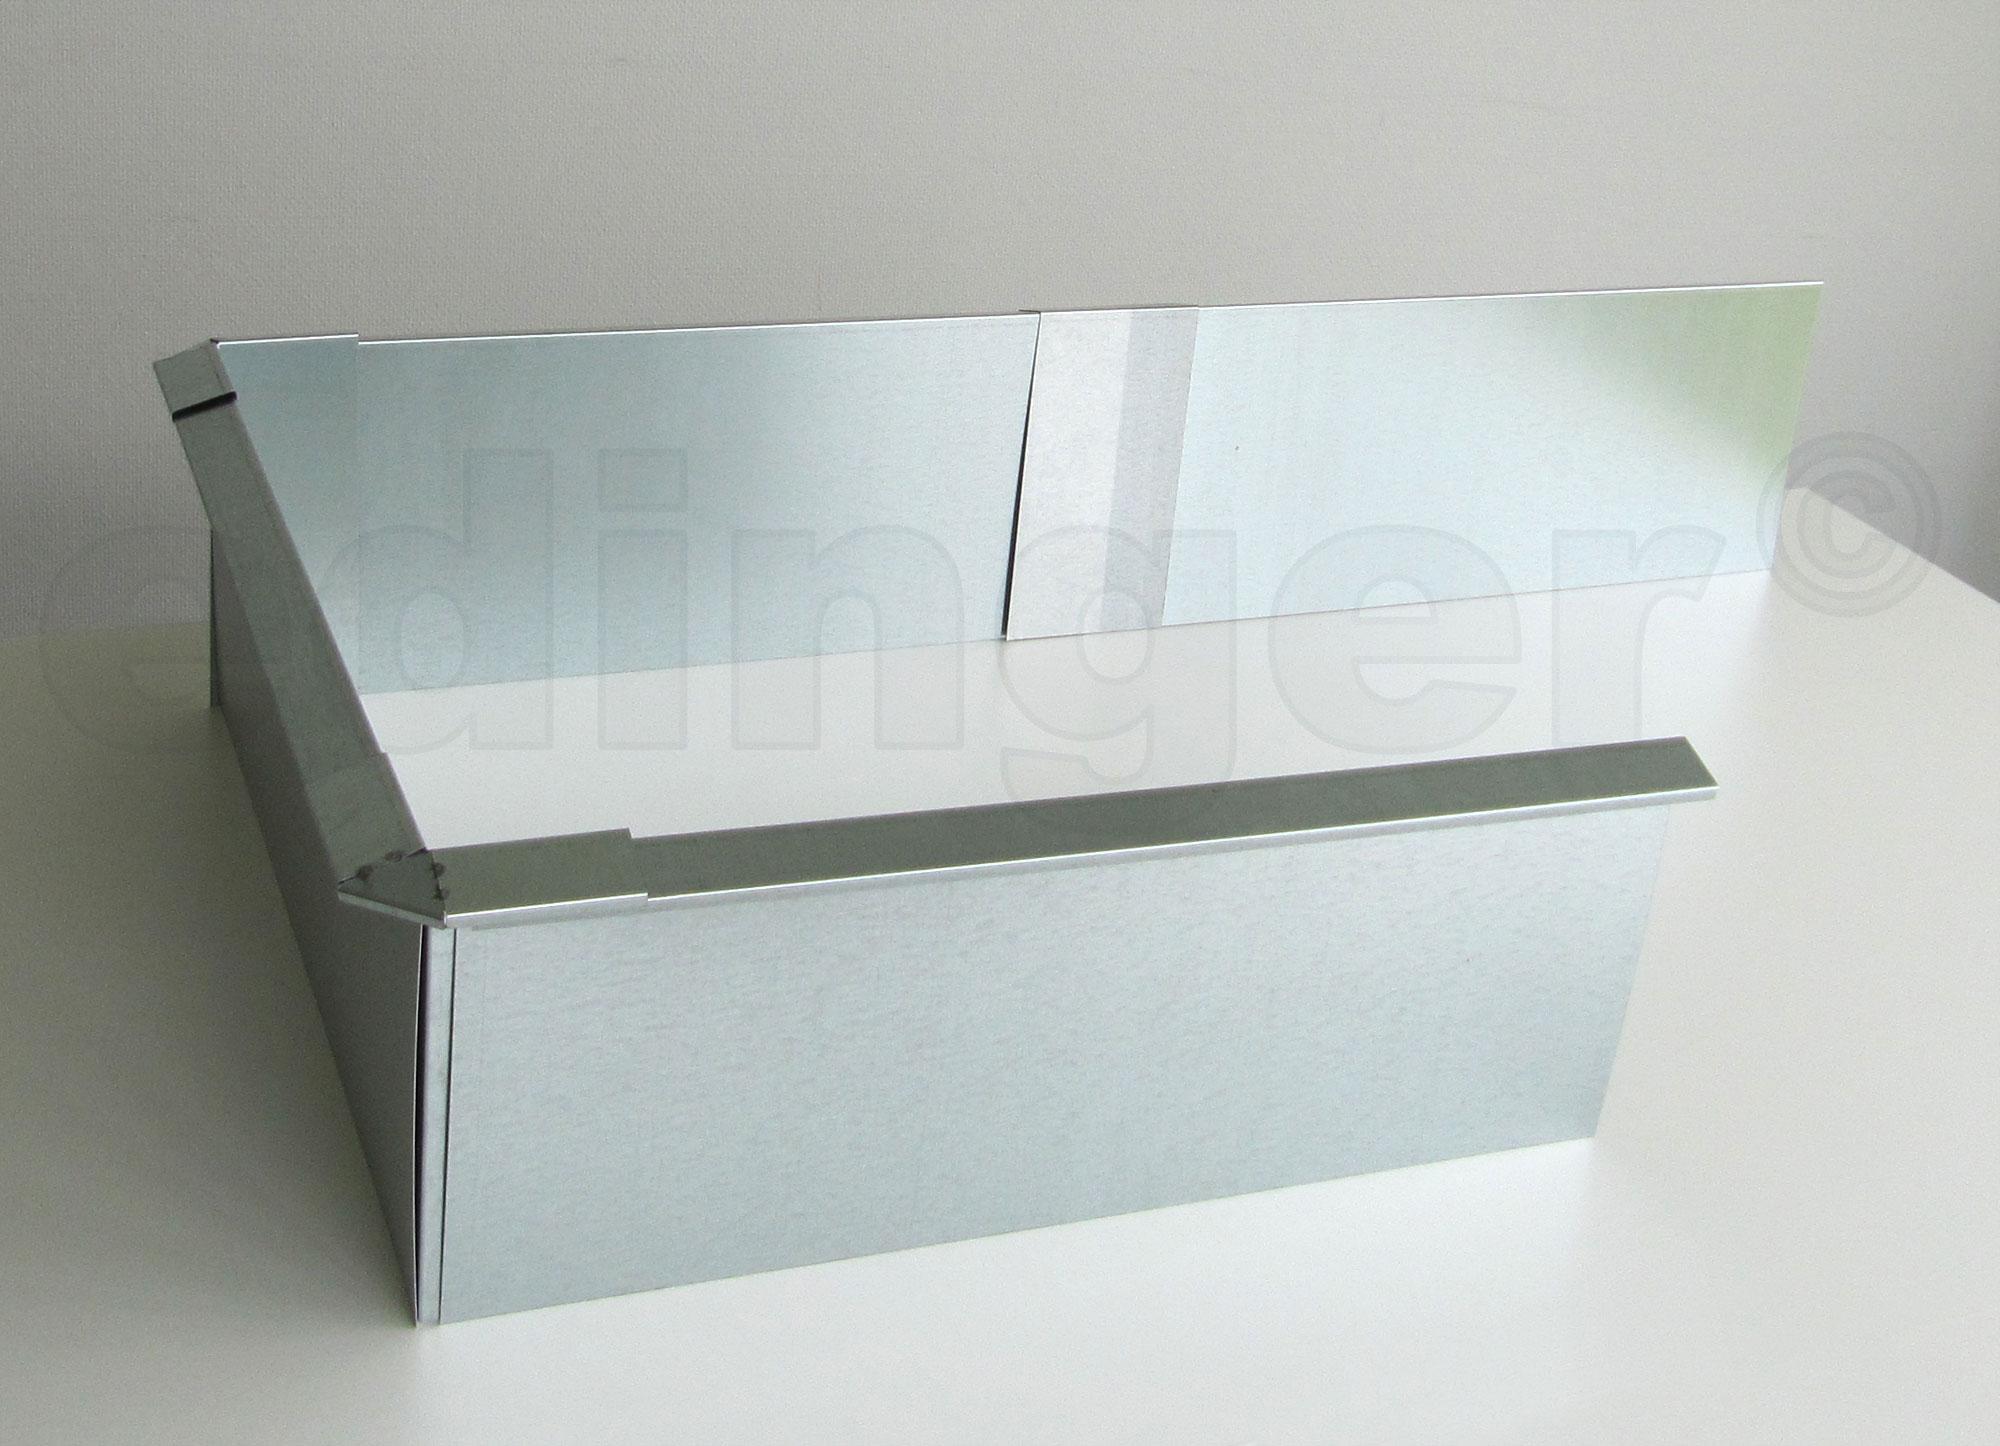 Schneckenzaun / Schneckenblech Metall für 2 m² Set Bild 3